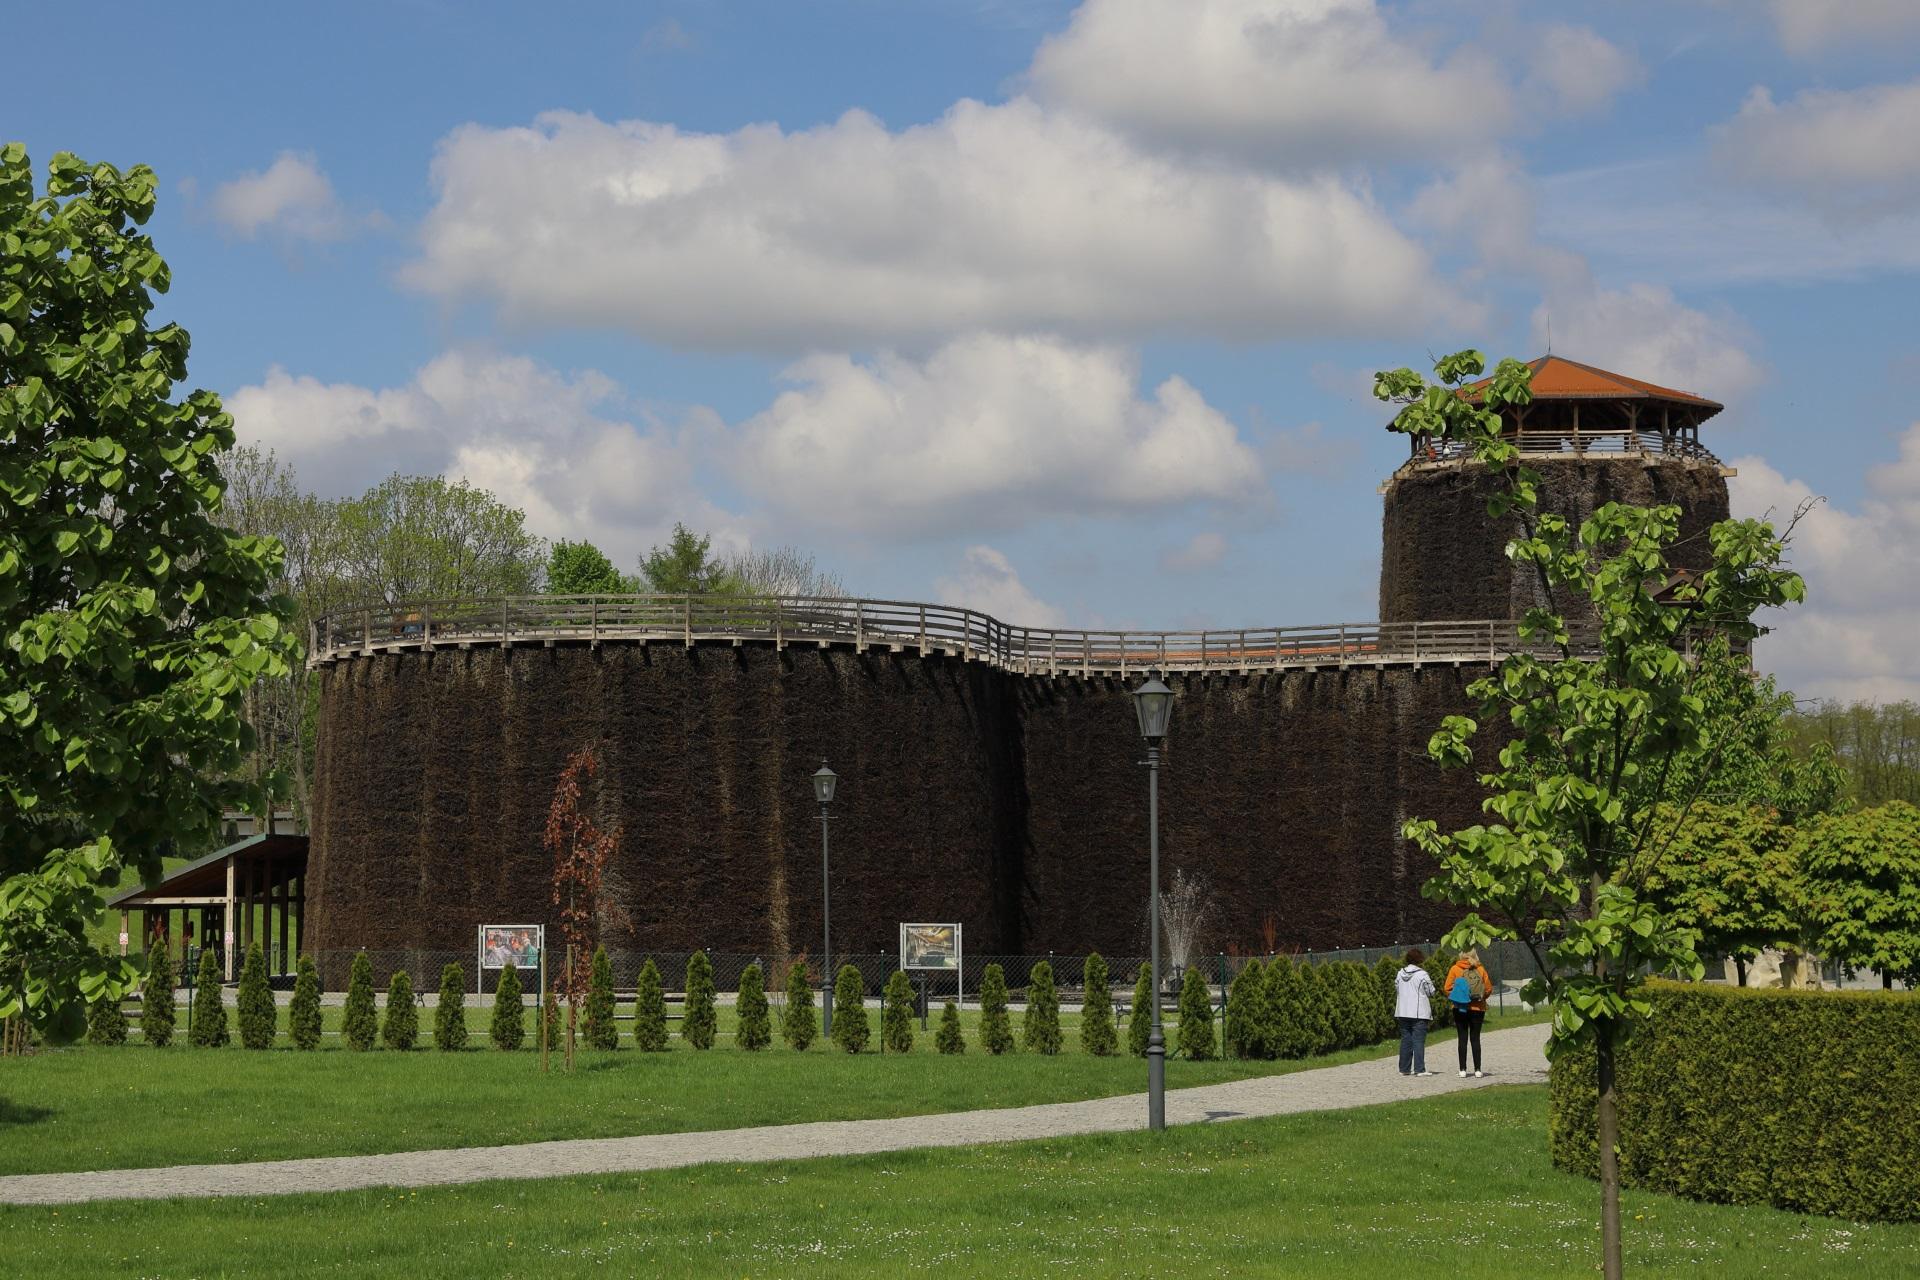 Tężnia solankowa w słoneczny wiosenny dzień. Budowla z tarniny, brązowa, z wieżą krytą pomarańczowym dachem